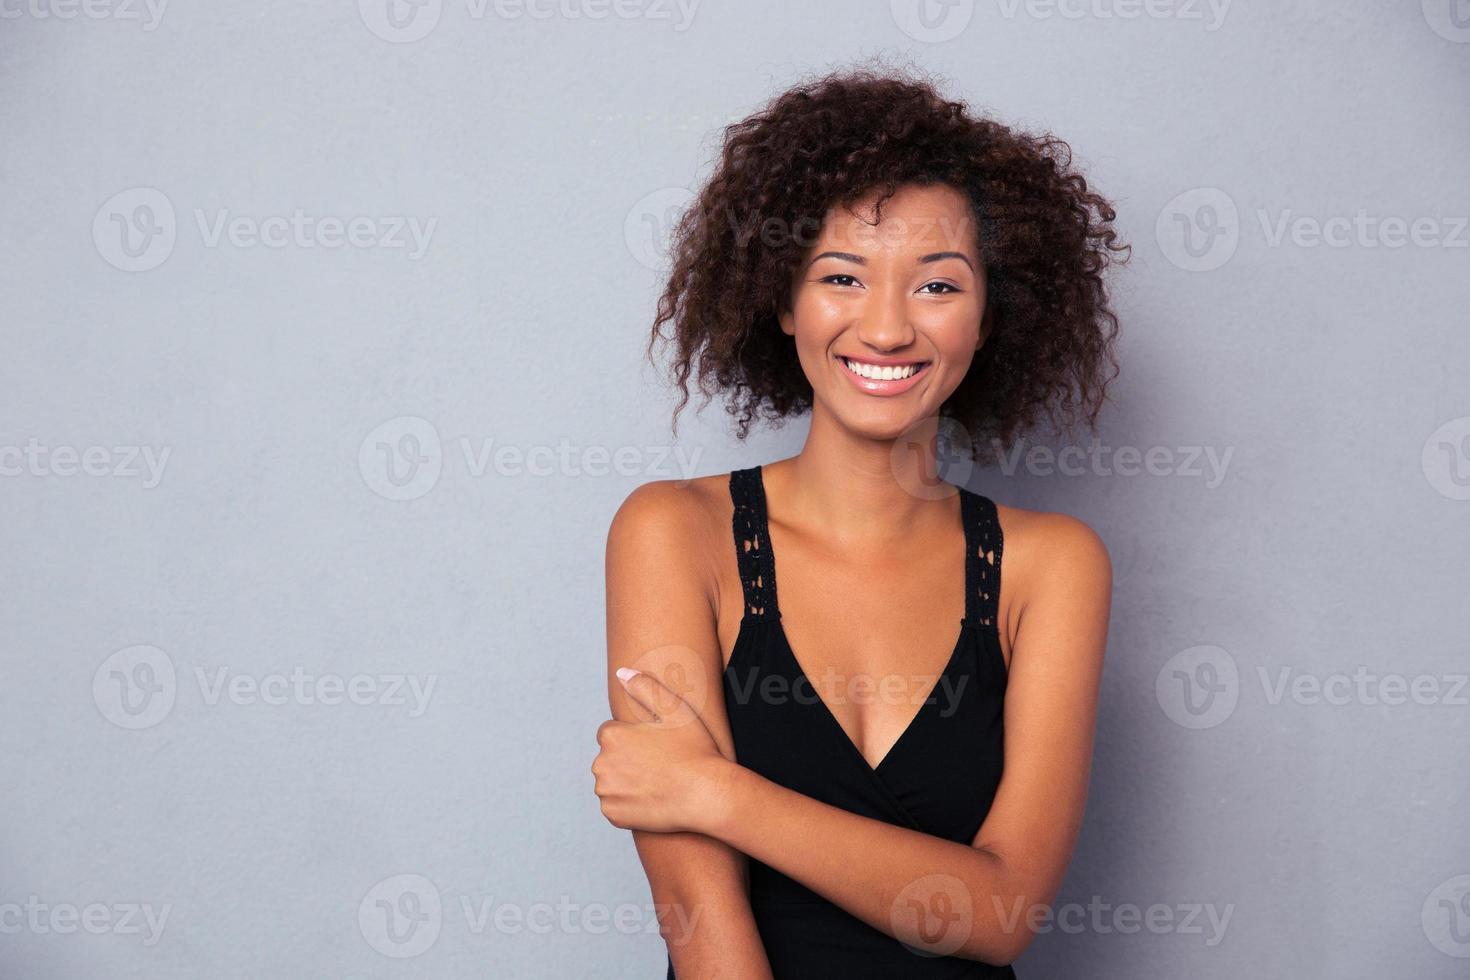 ritratto di una donna africana nera felice foto